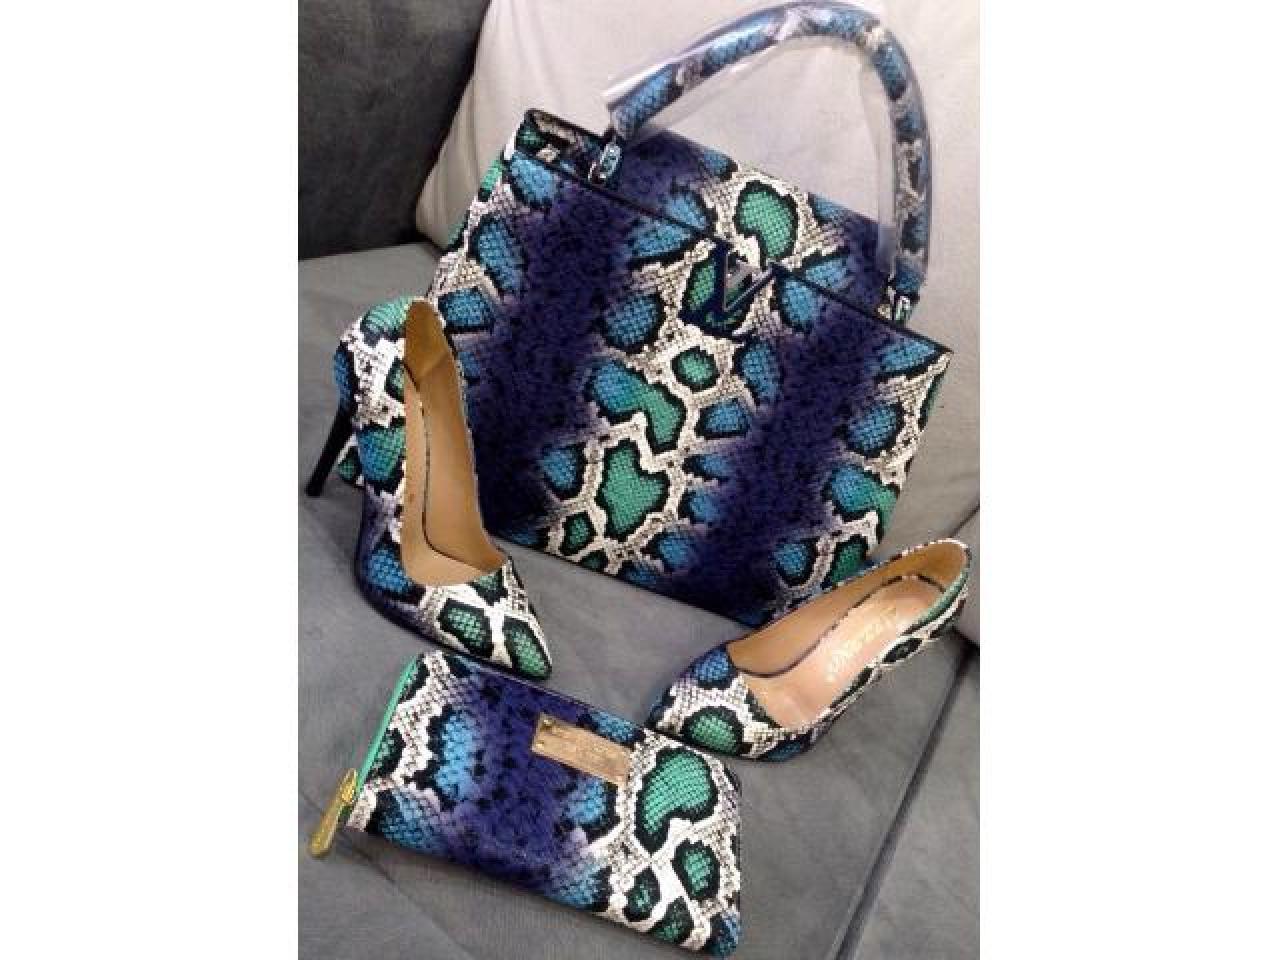 Обувь и сумочки копии знаменитых брендов - 6